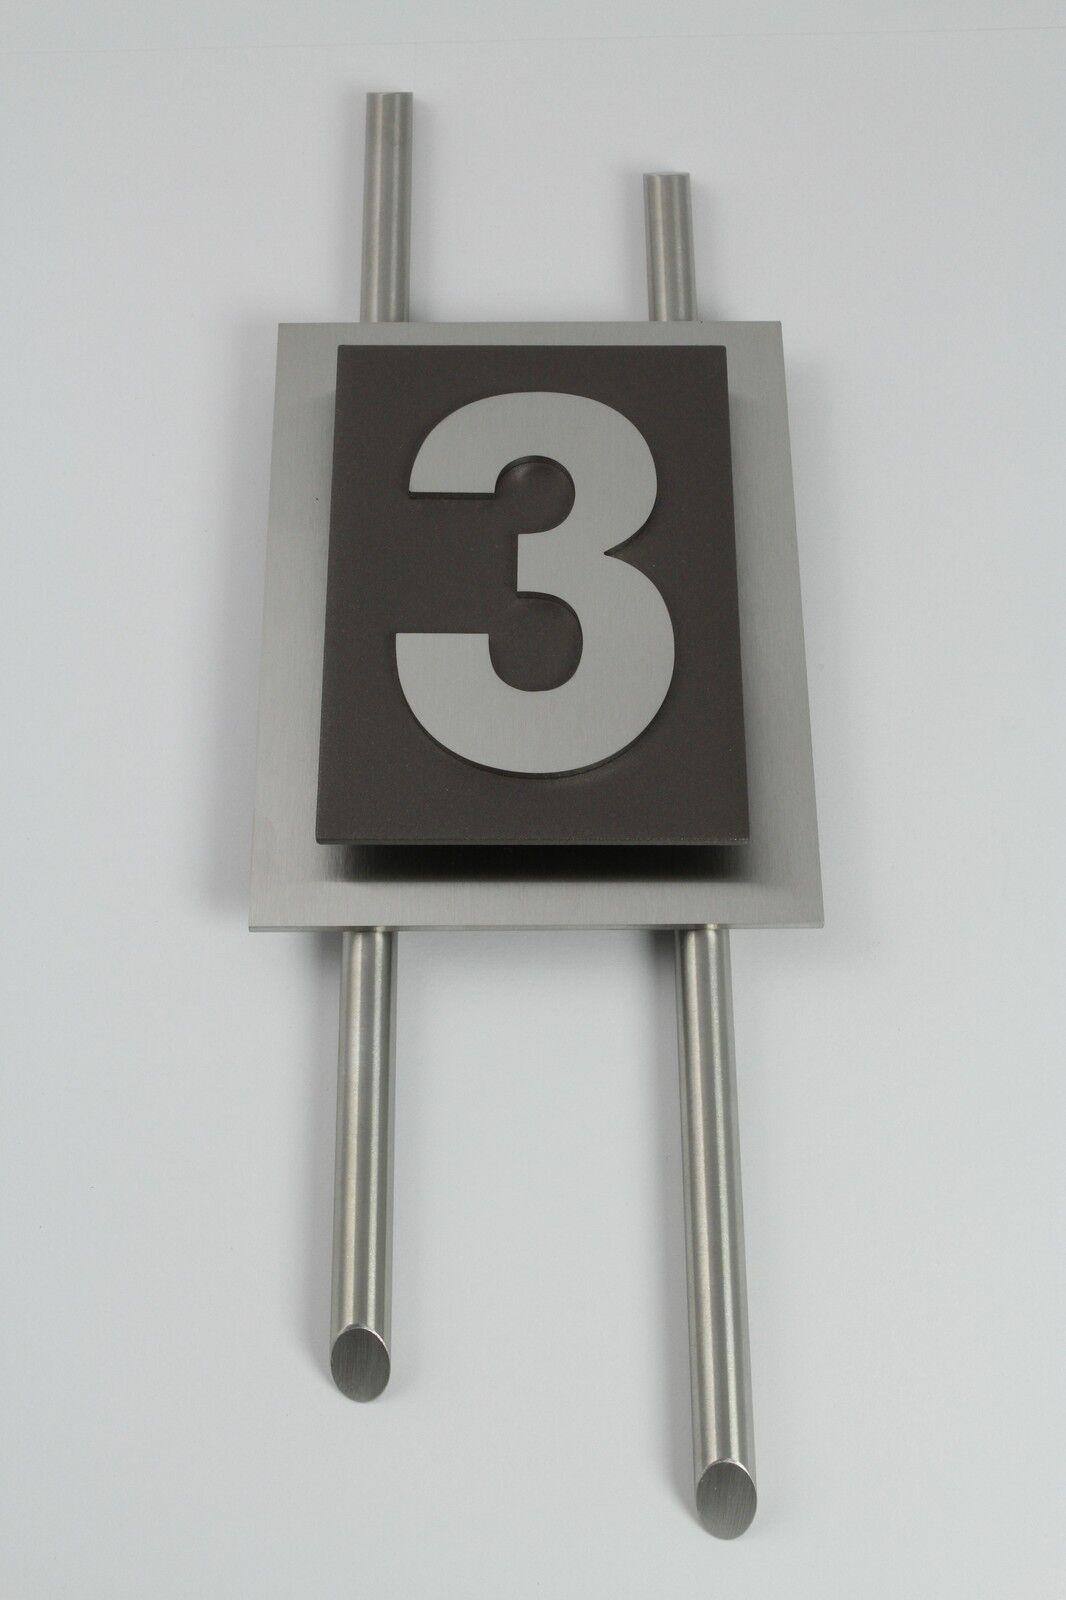 Hausnummer Edelstahl Sepia grau Design Verona 1-stellig Zahl 1-9 mit Zierstangen